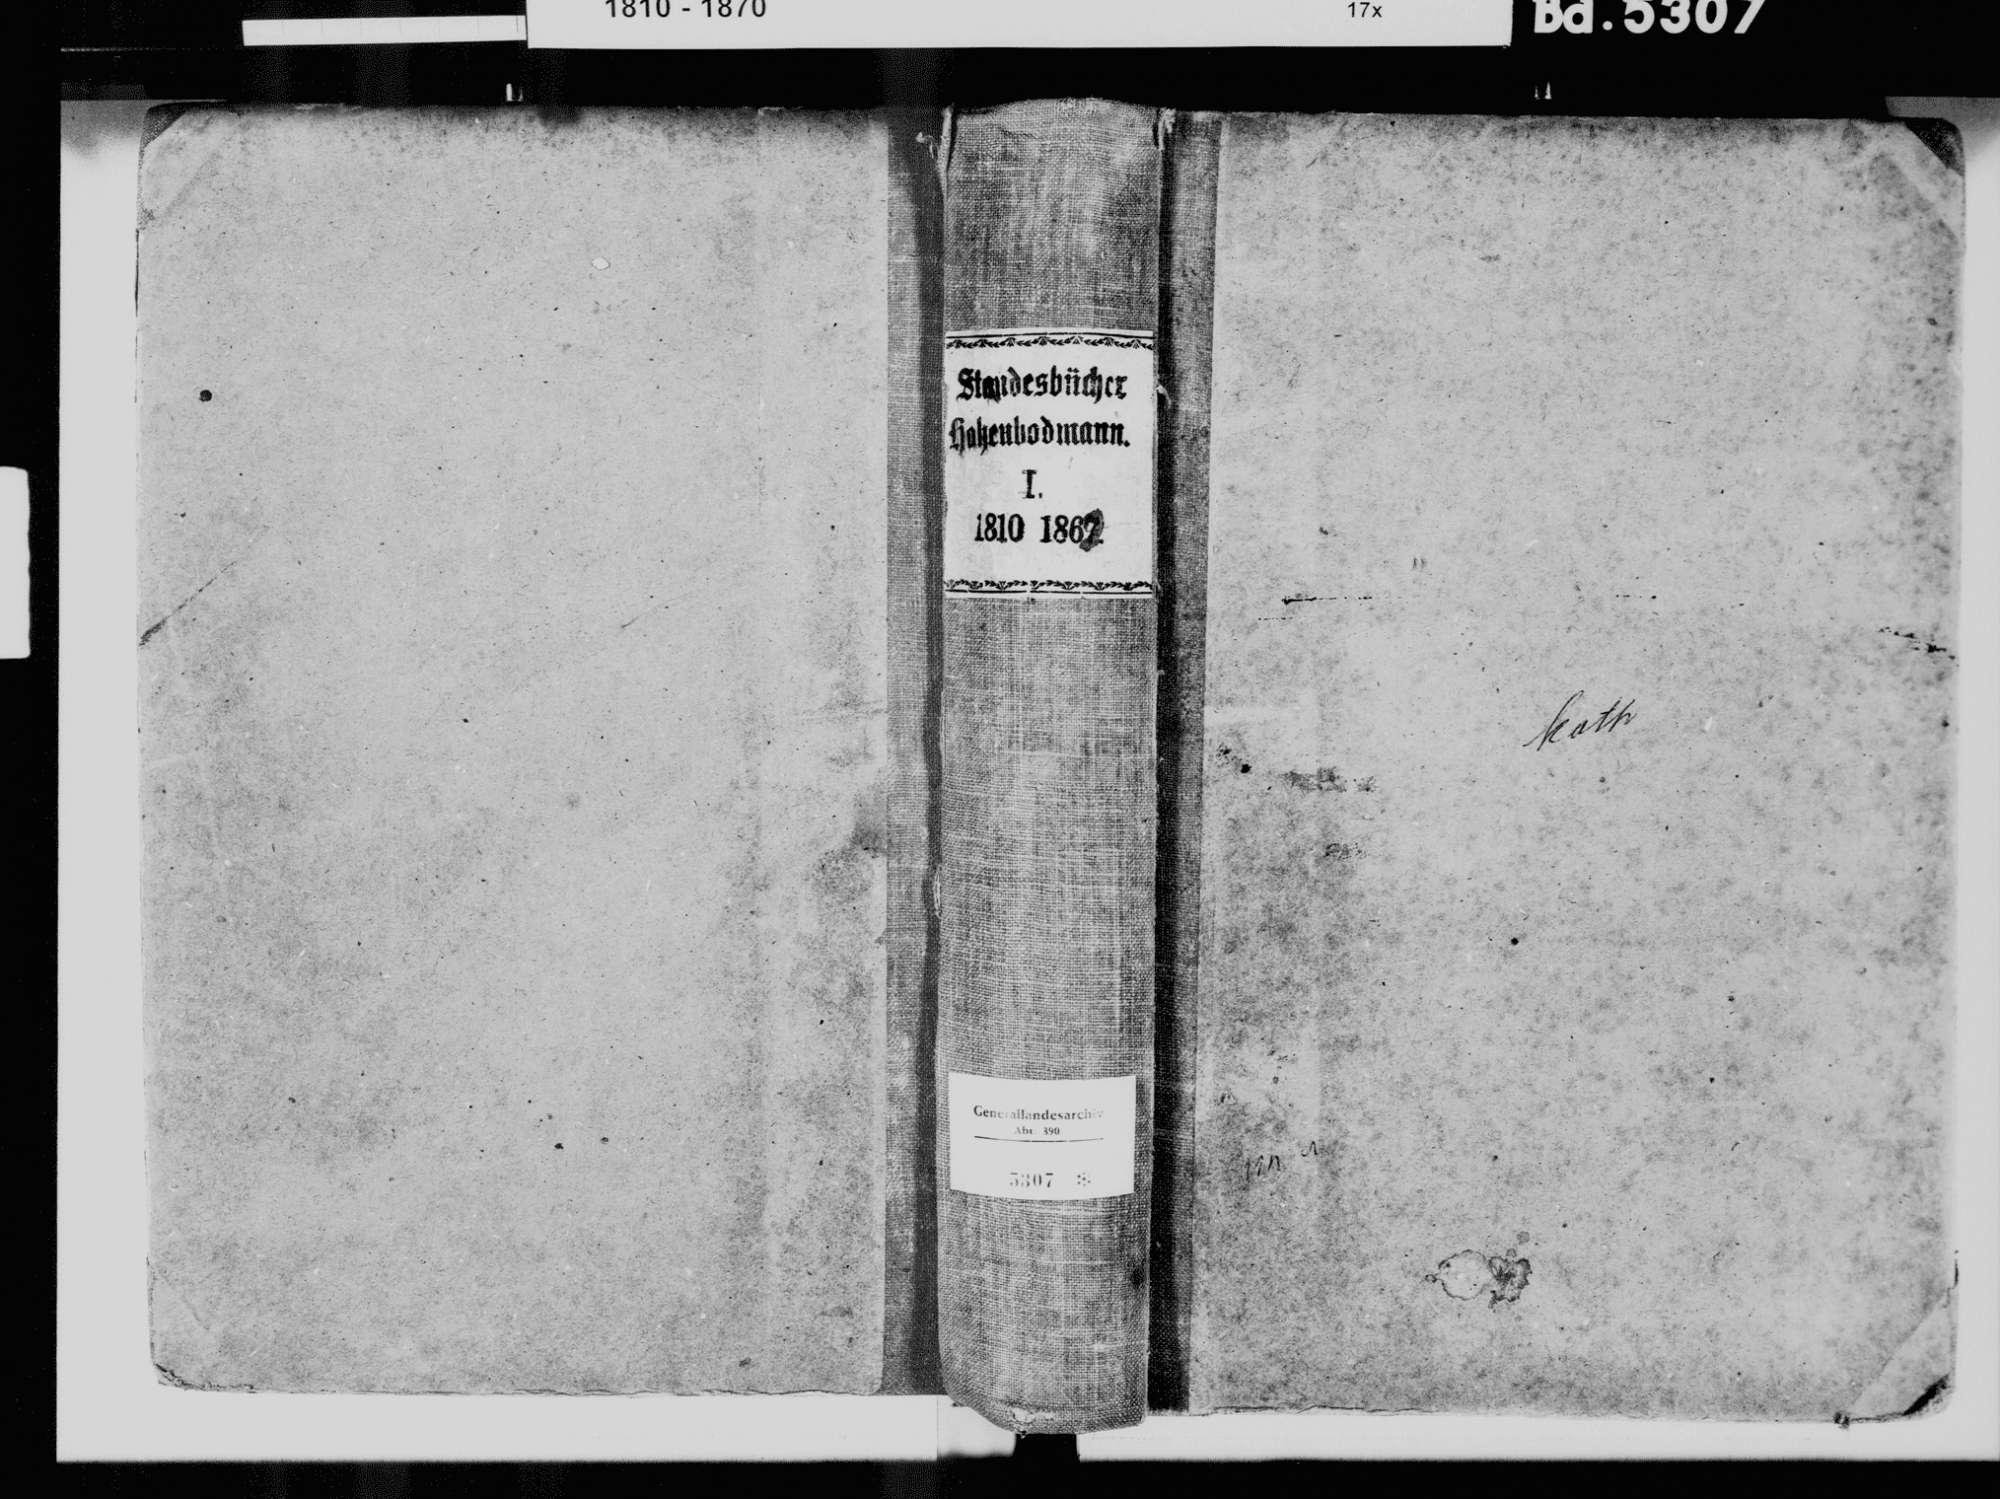 Hohenbodman, Owingen FN; Katholische Gemeinde: Standesbuch 1810-1869, Bild 2